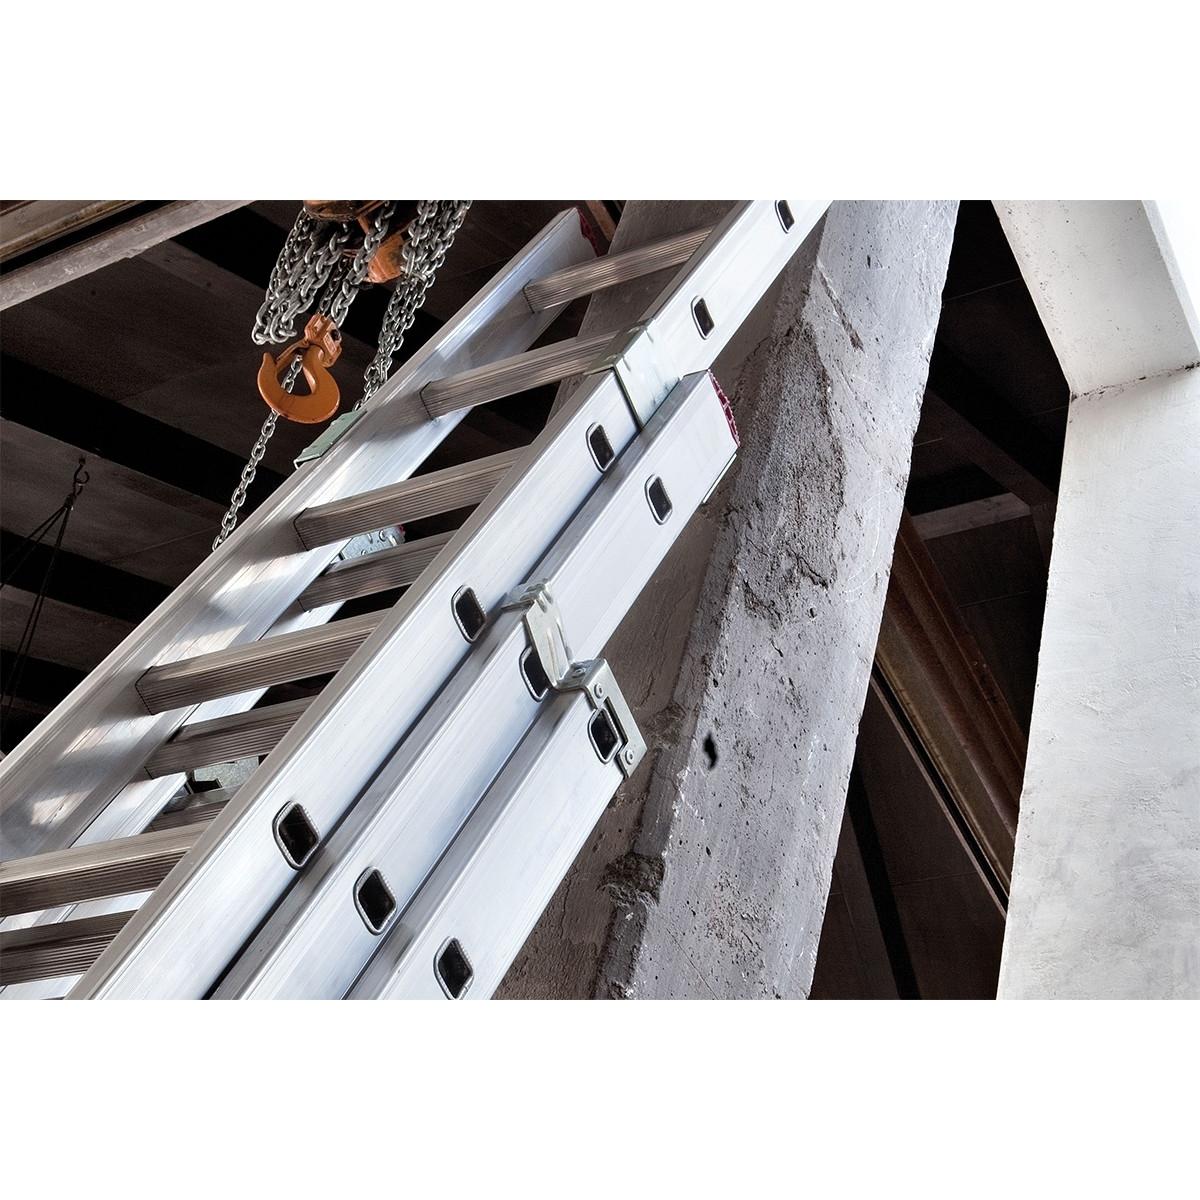 Escalera 3 tramos 7 peldaños 2.00 - 4.50 m Escaleras profesionales